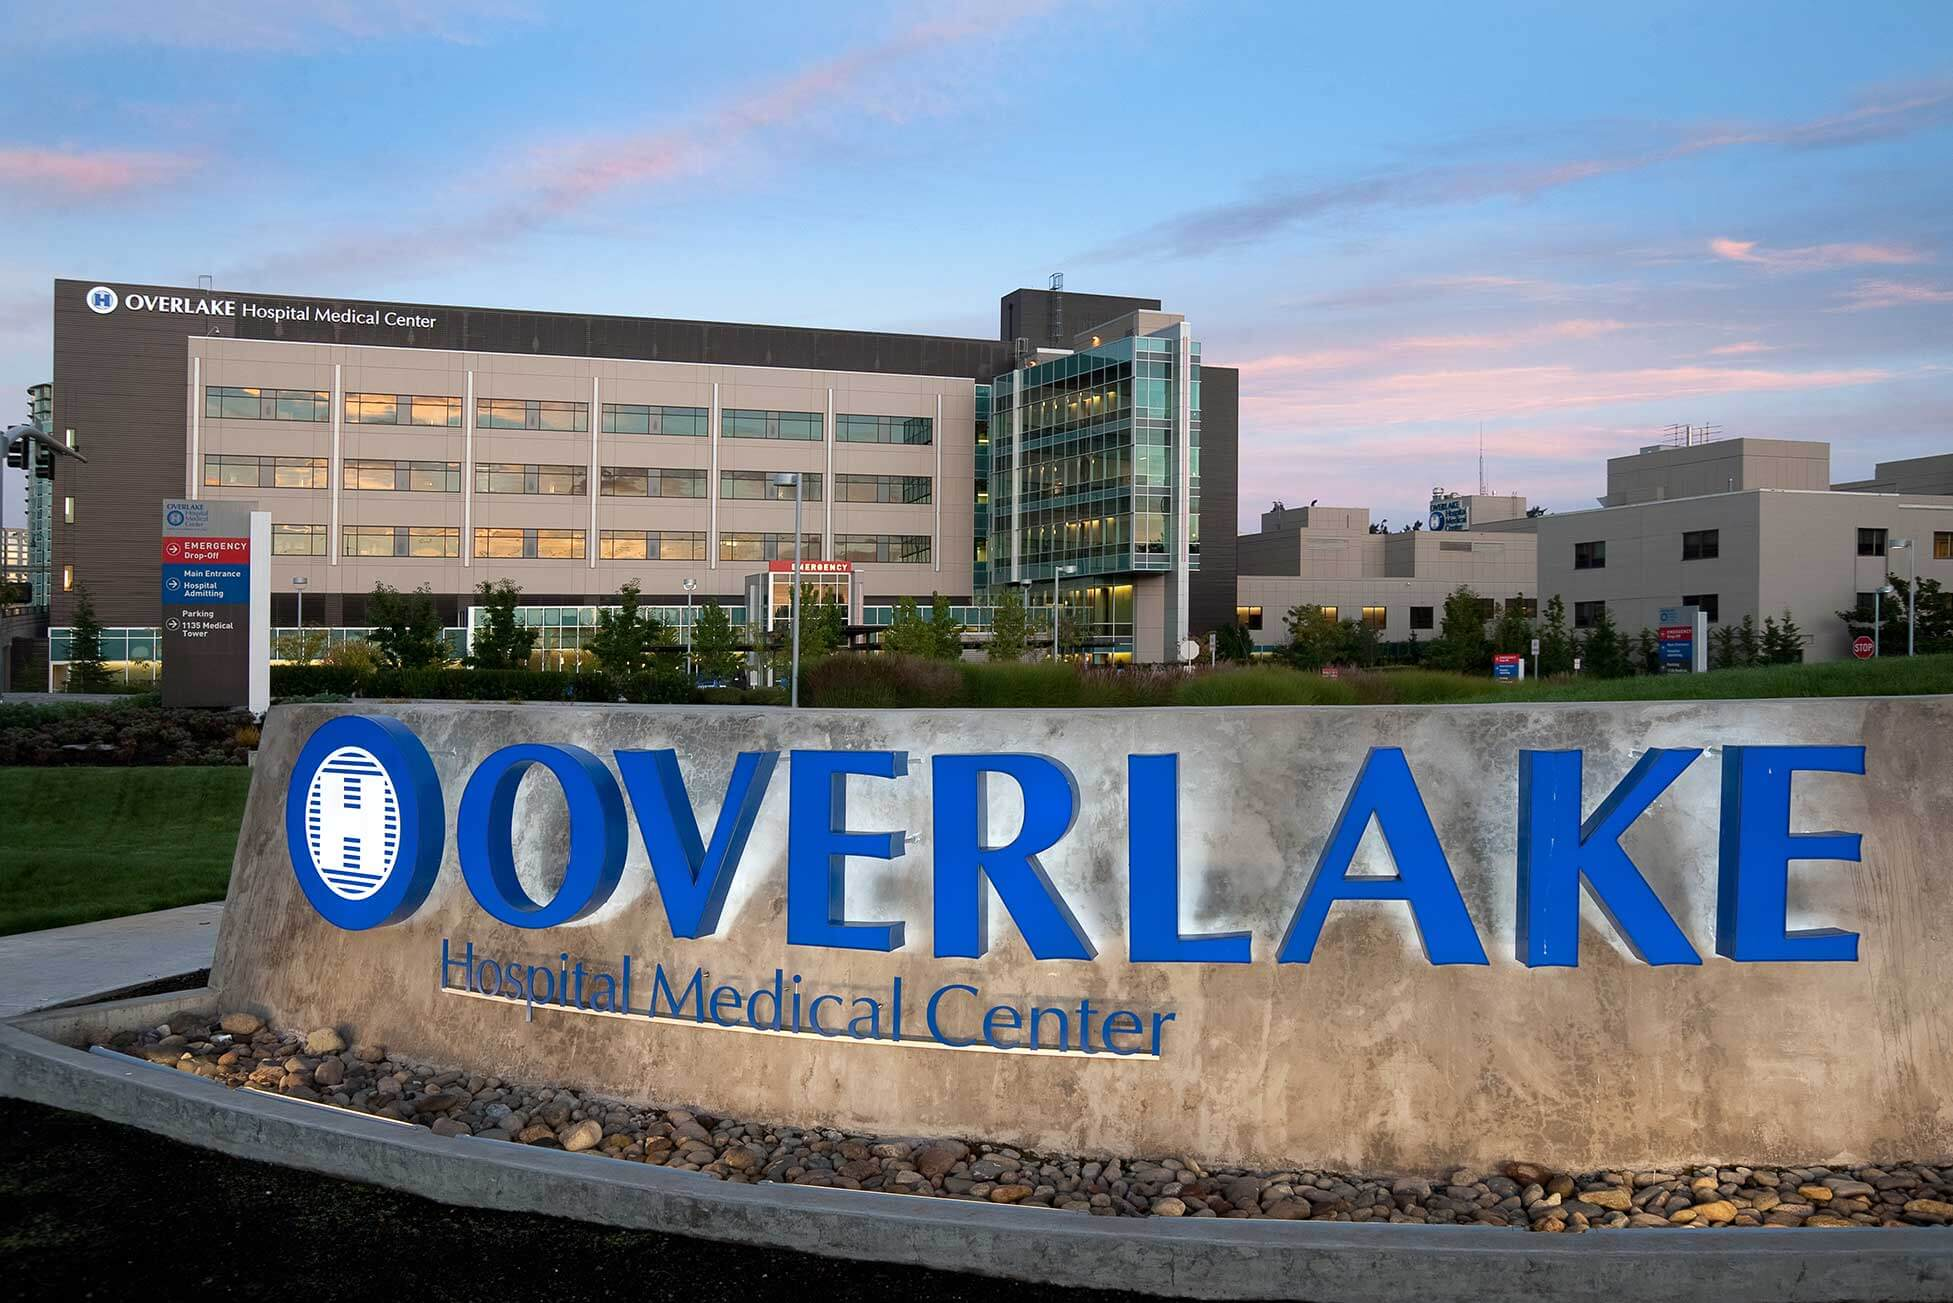 Image result for overlake hospital medical center